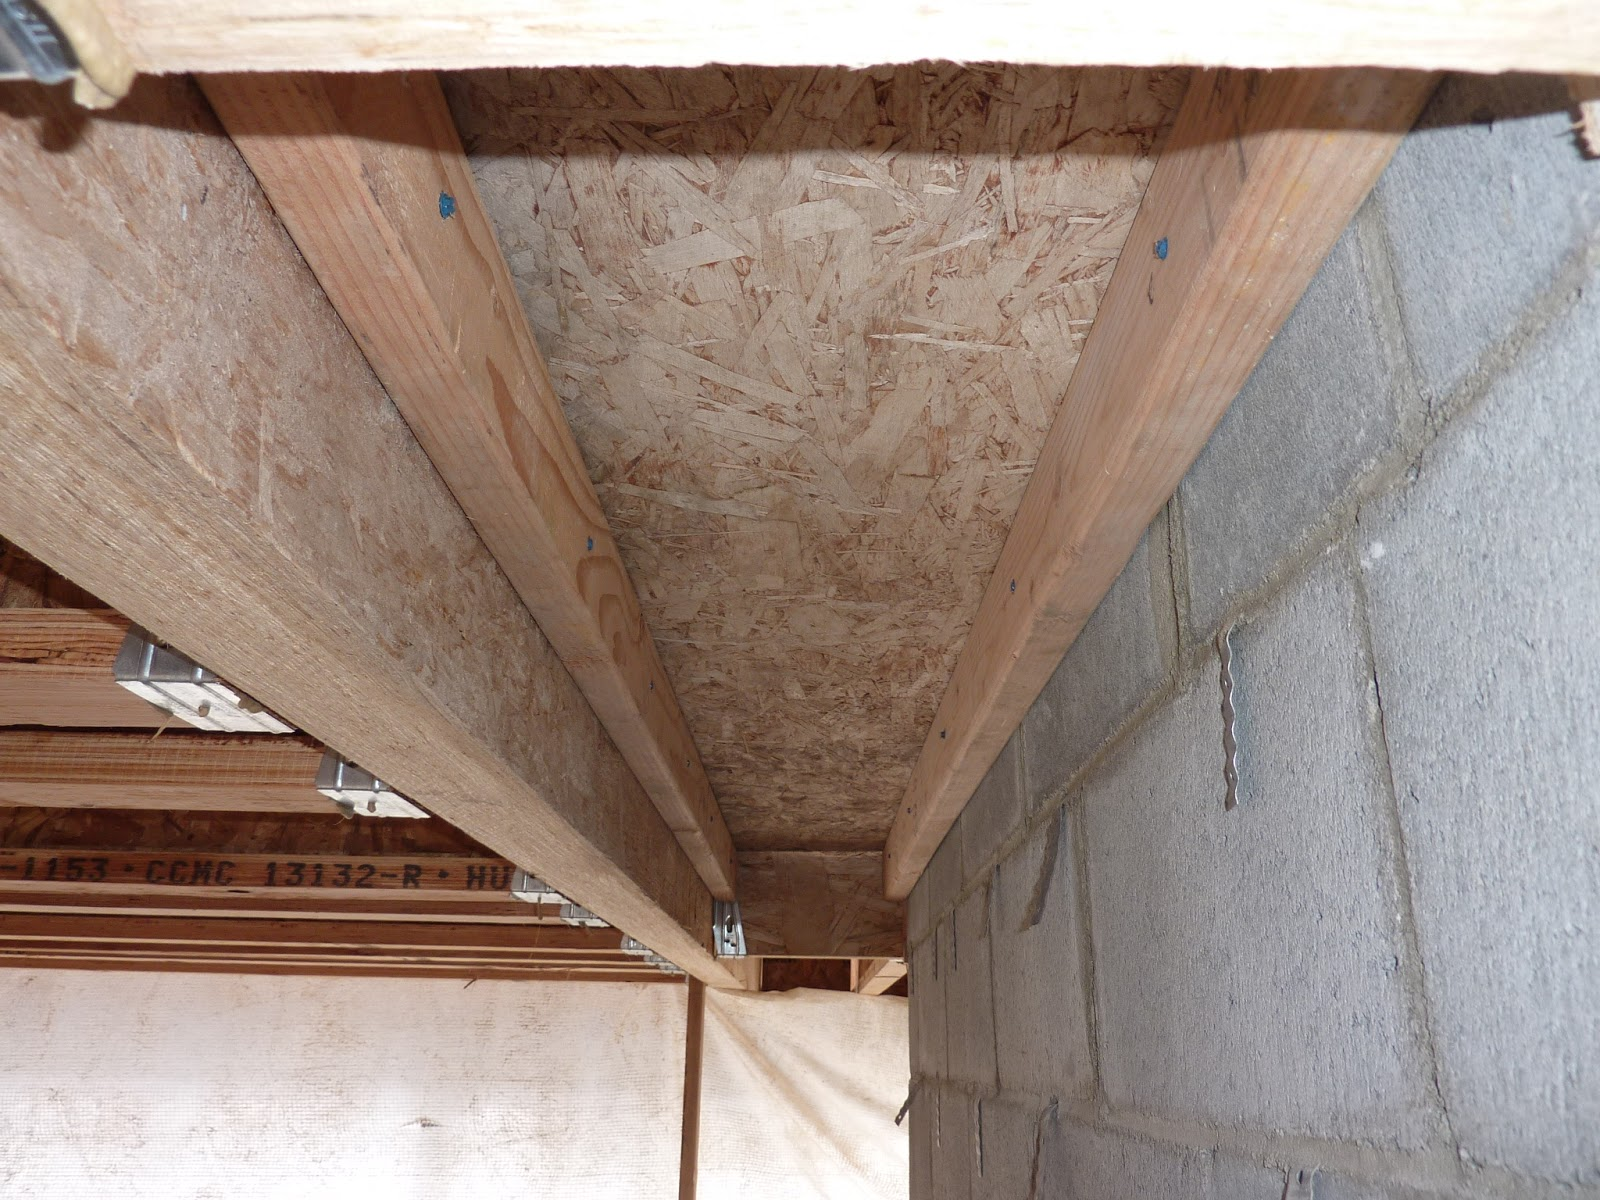 BOISINEAU MASONRY: The second floor slab form is ready to go